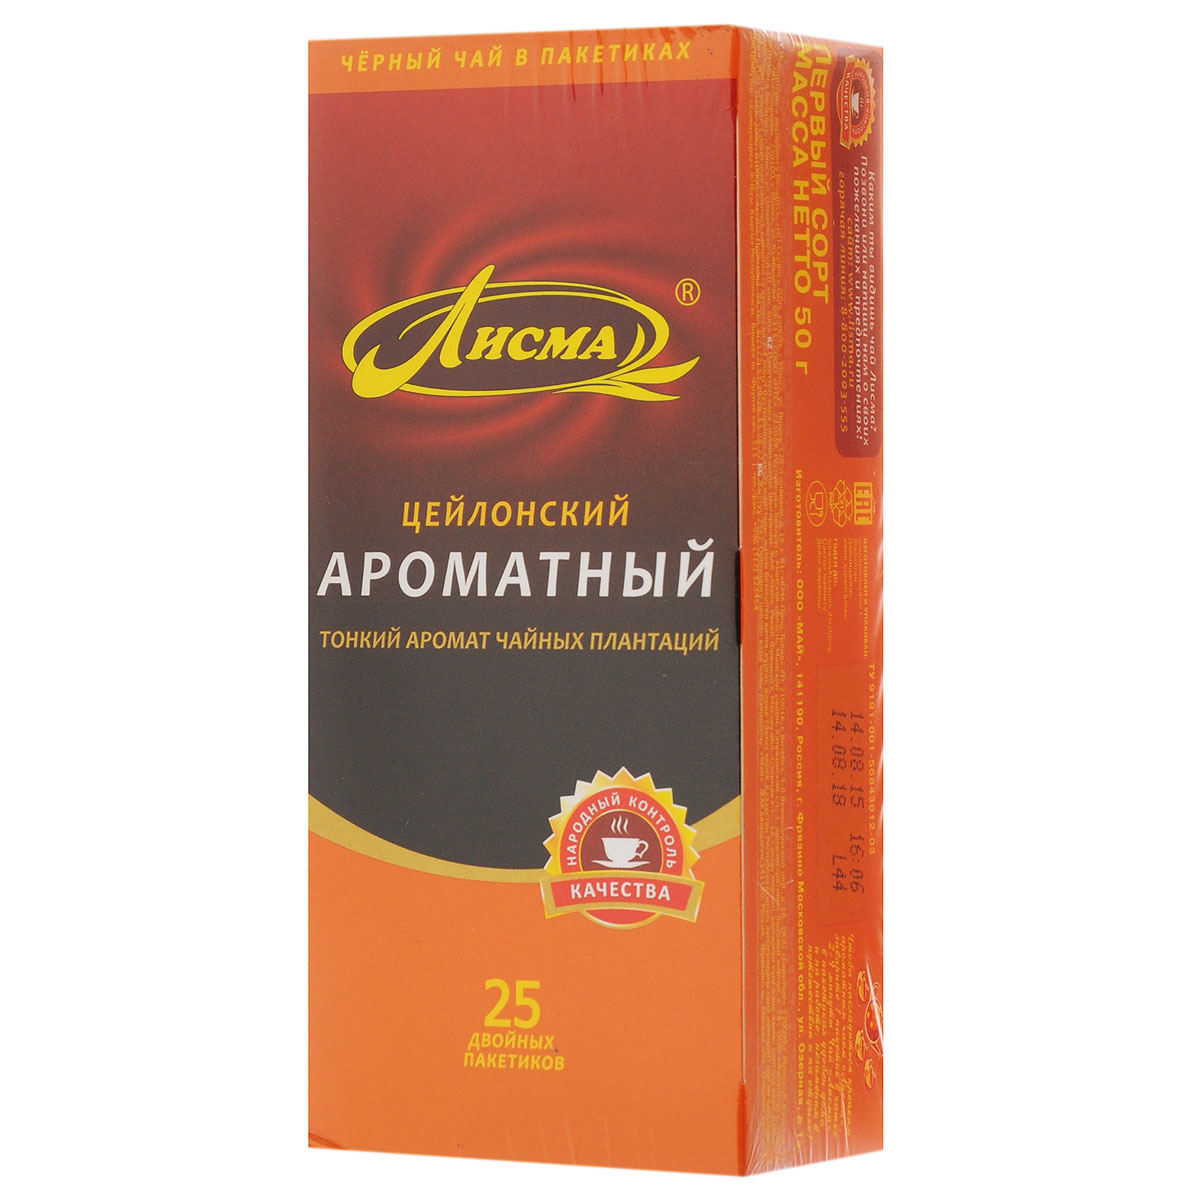 Лисма Ароматный черный чай в пакетиках, 25 шт201422Лисма Ароматный - индийский черный байховый чай в пакетиках. В коробке содержится 25 пакетиков по 2 грамма.